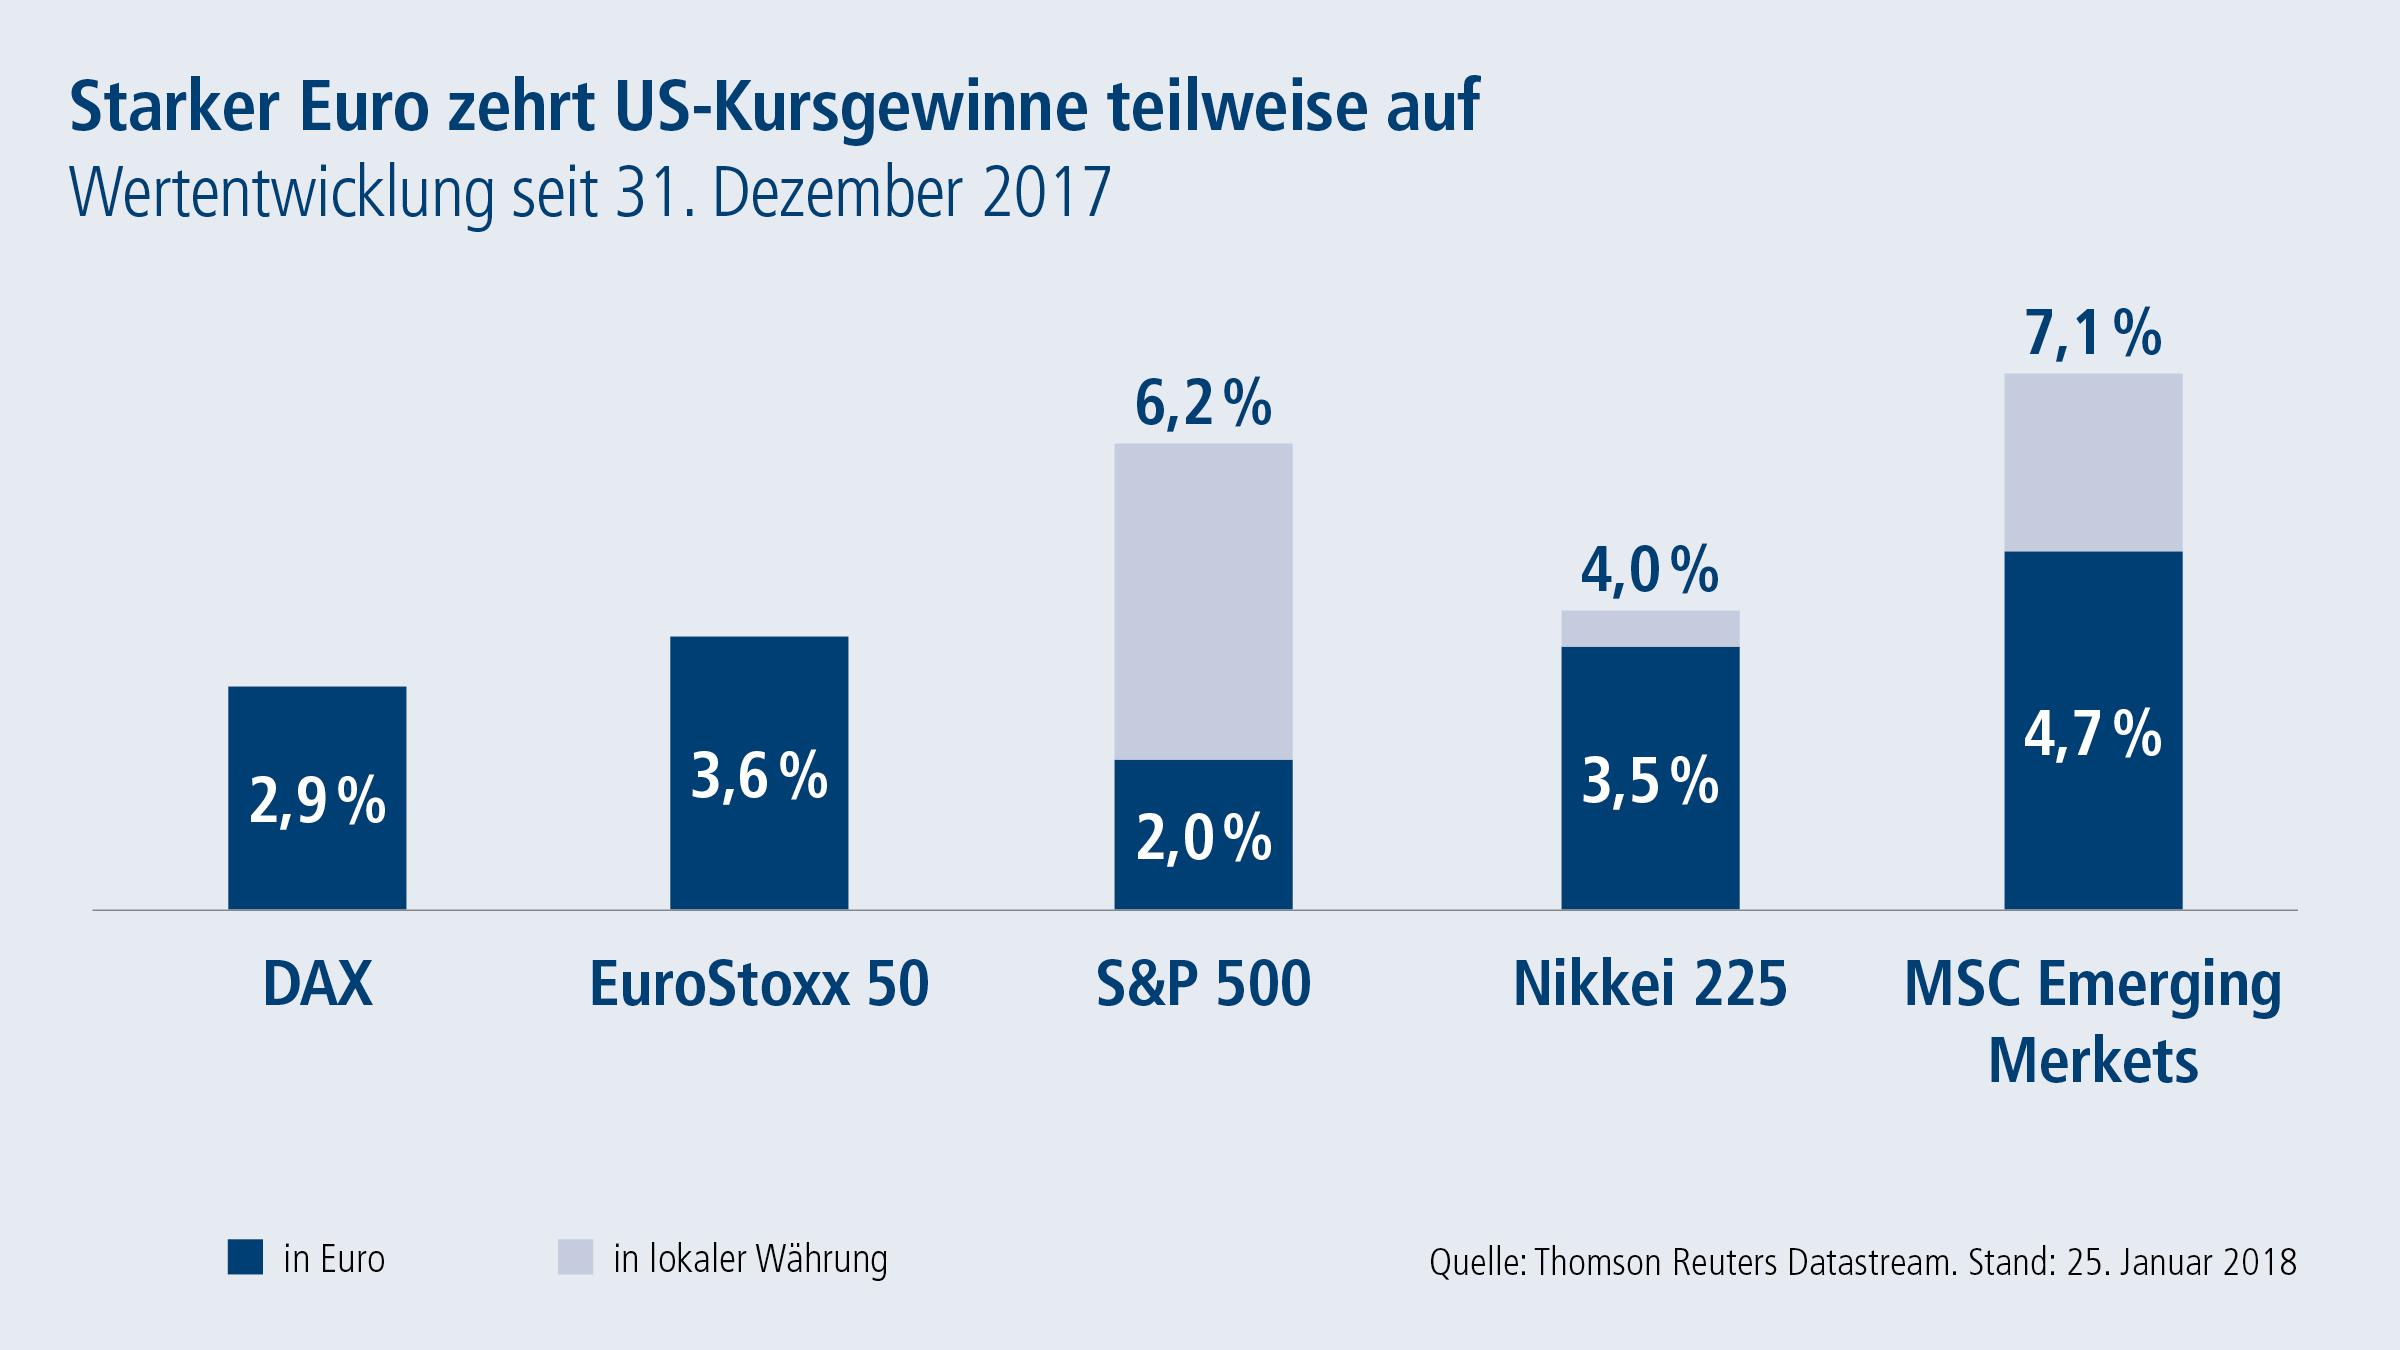 Starker-Euro-zehrt-US-Kursgewinne-teilweise-auf in Comeback der Eurzone